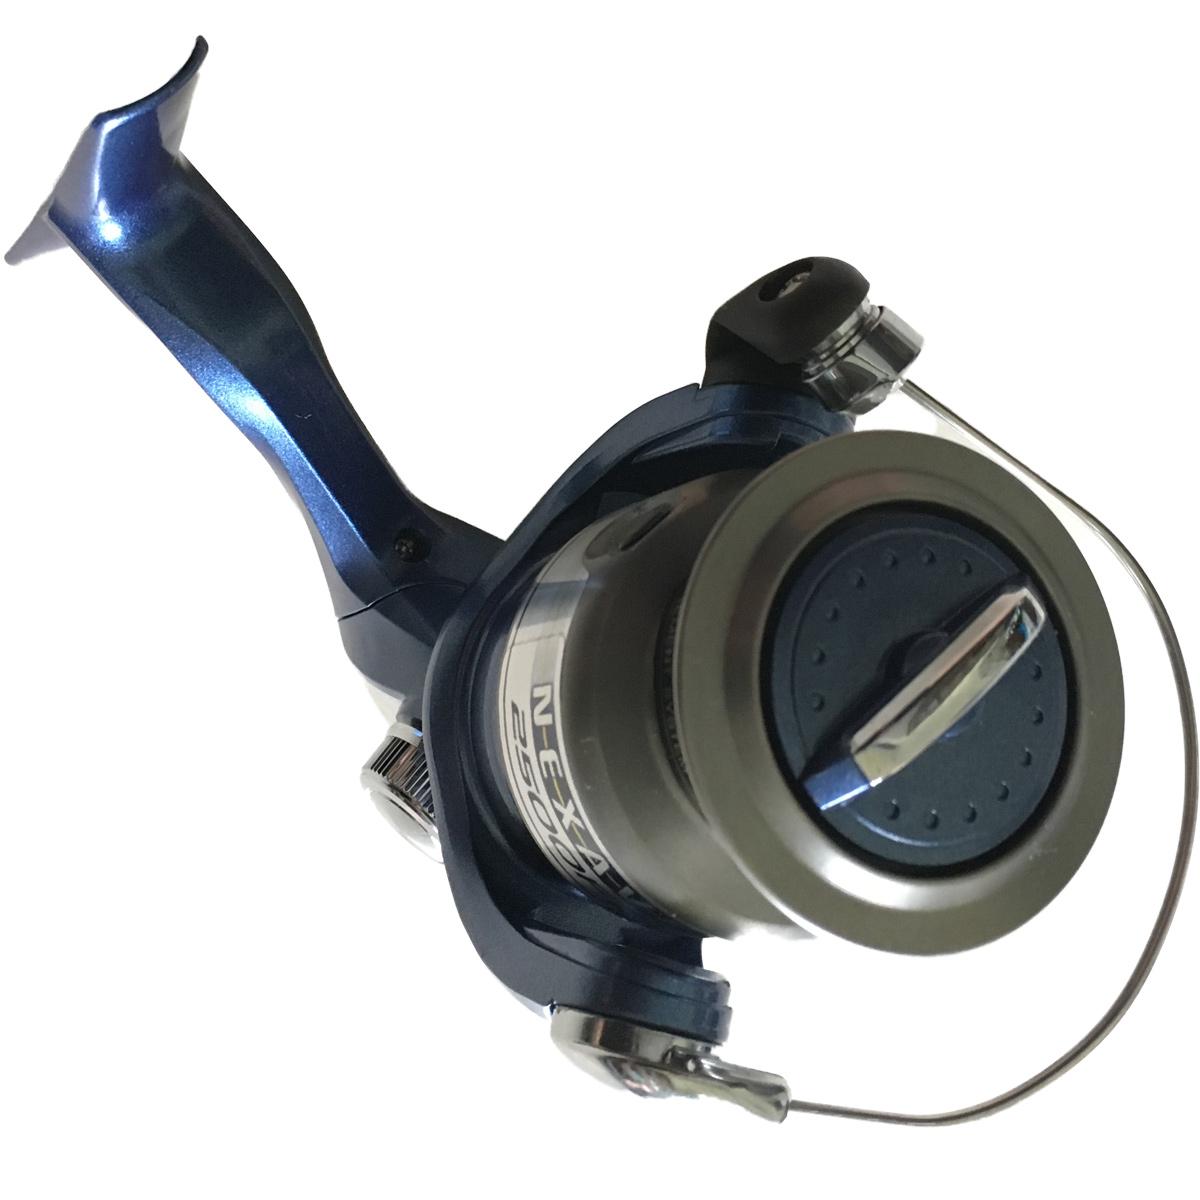 Máy câu cá Shimano Nexave 2500FC BH 6 Tháng Chính Hãng